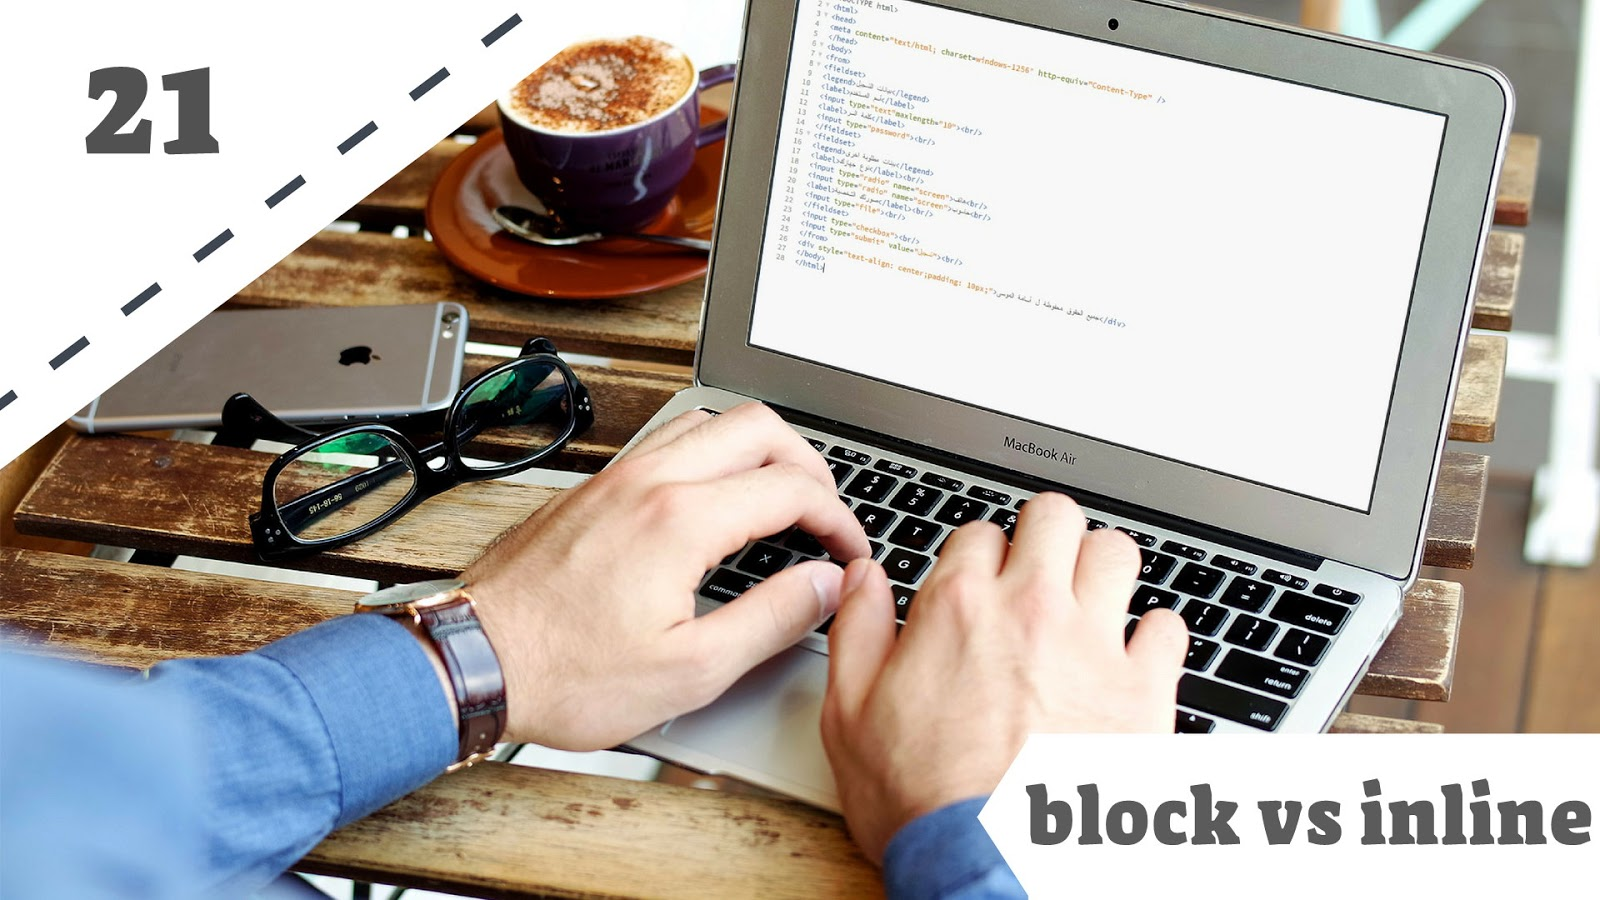 الفرق بين block و inline